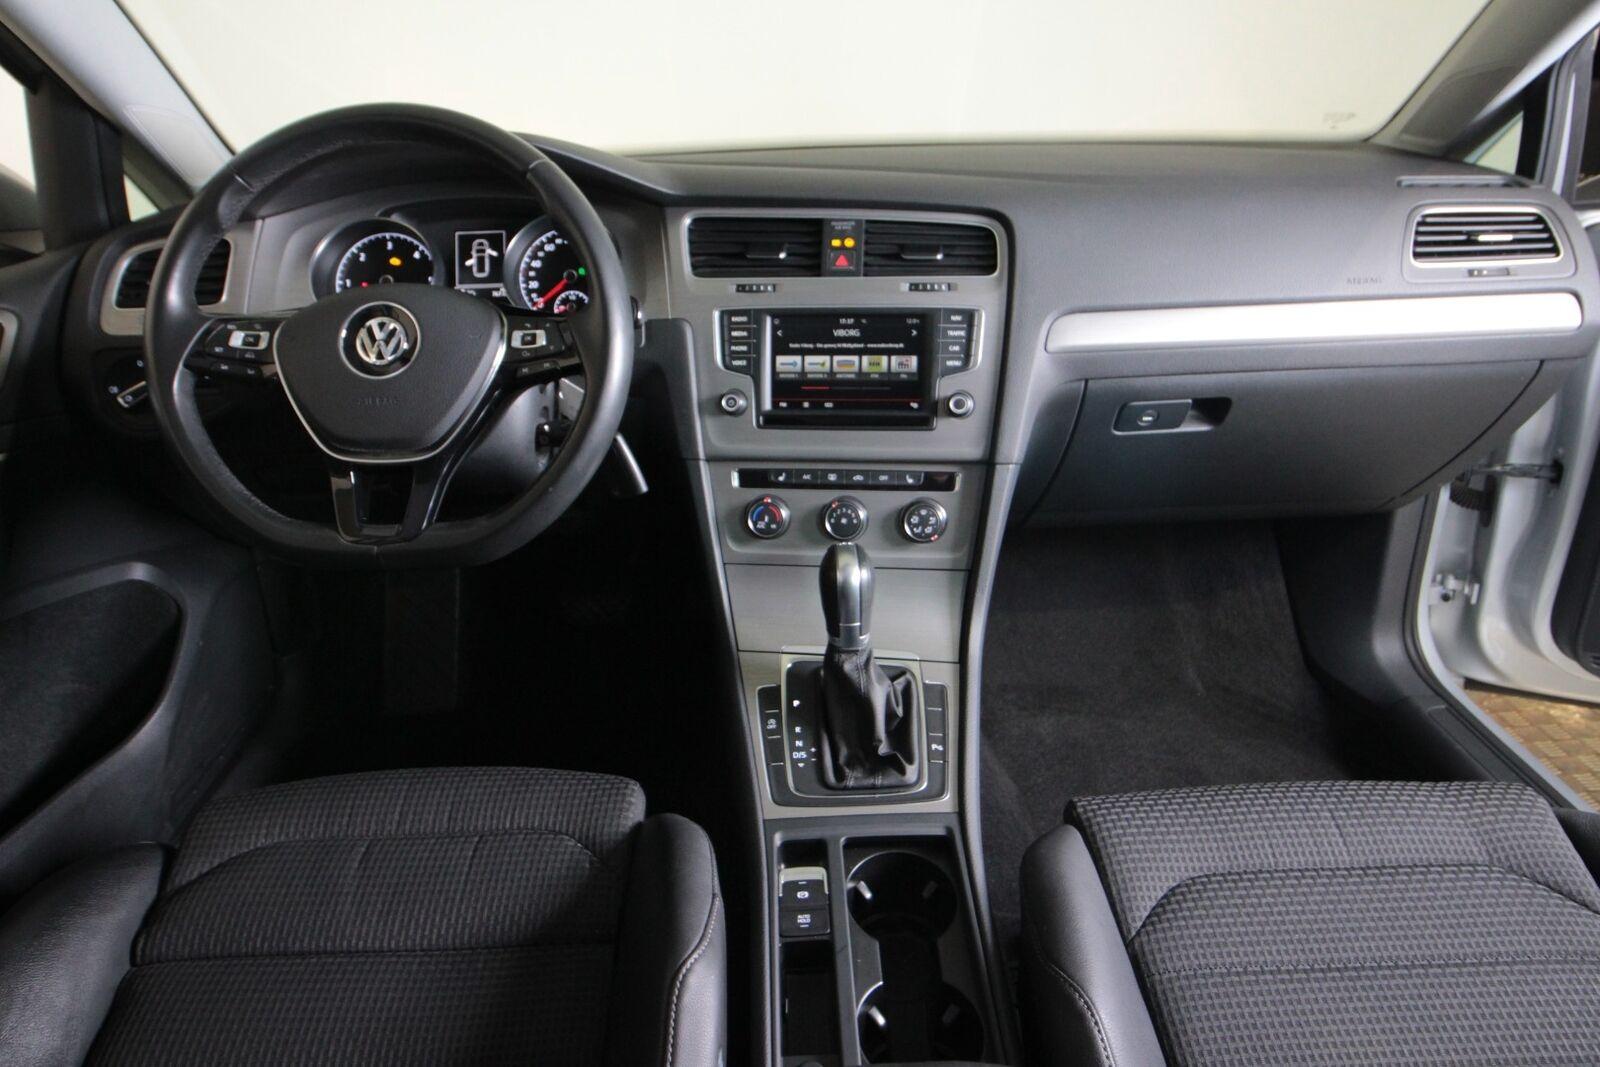 VW Golf VII TDi 110 Comfortl. Vari. DSG BM